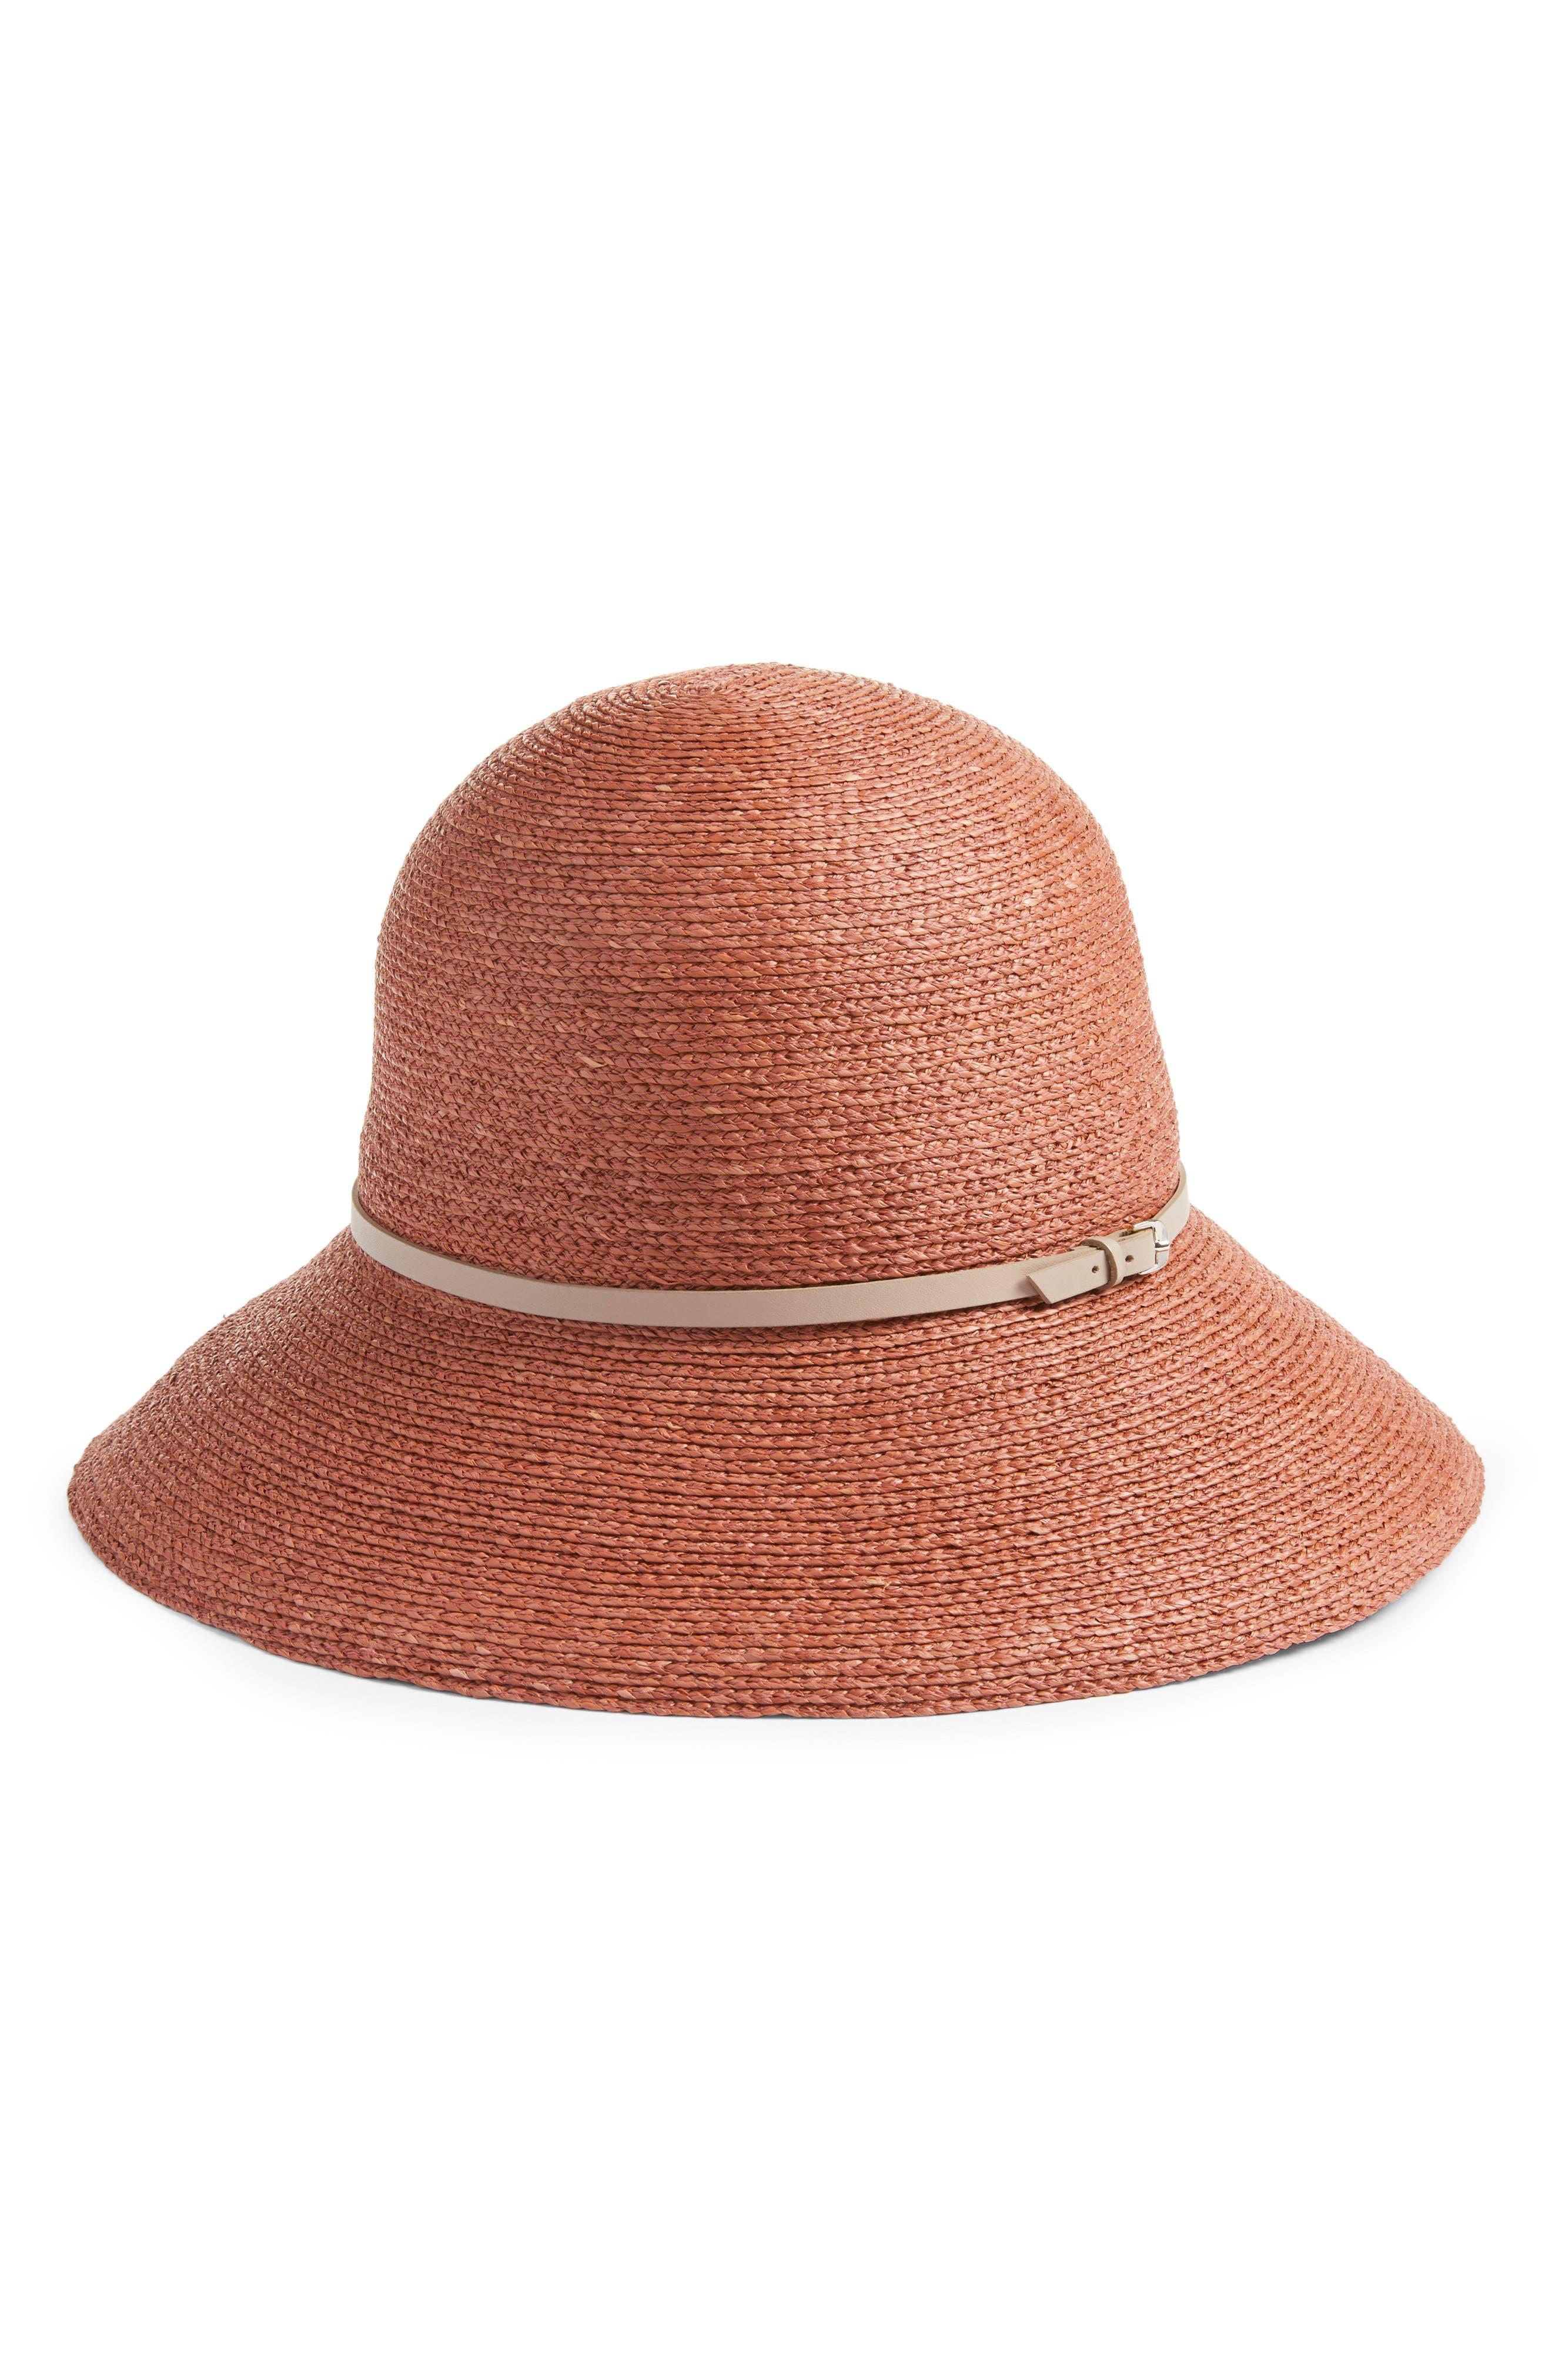 Packable Raffia Cloche Hat,                         Main,                         color, Auburn